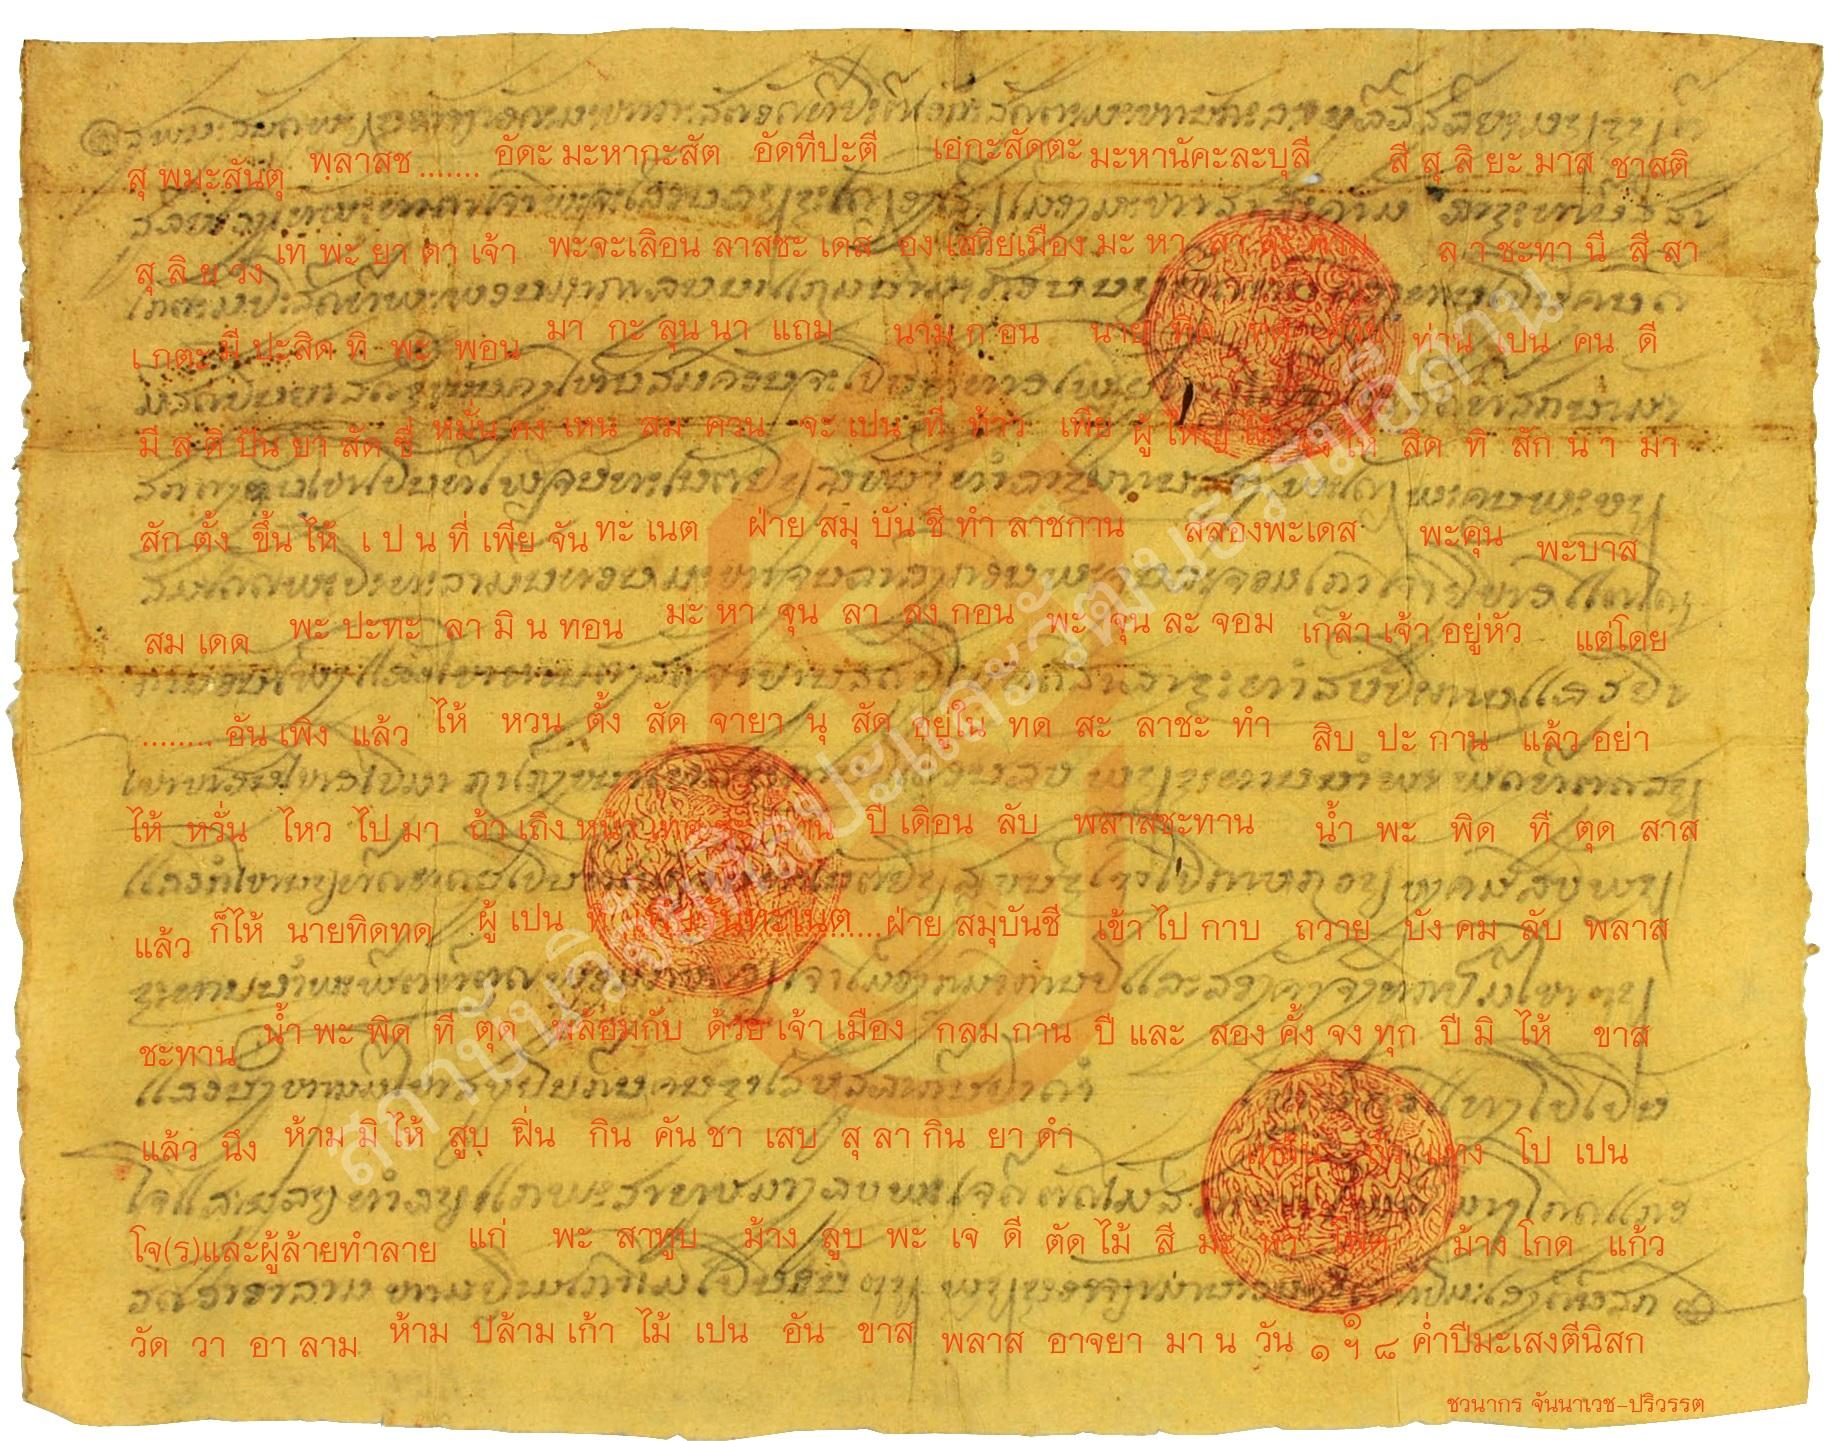 หนังสือพระเจริญราชเดช ฮึงตั้งเพียจันทะเนต 2423-water